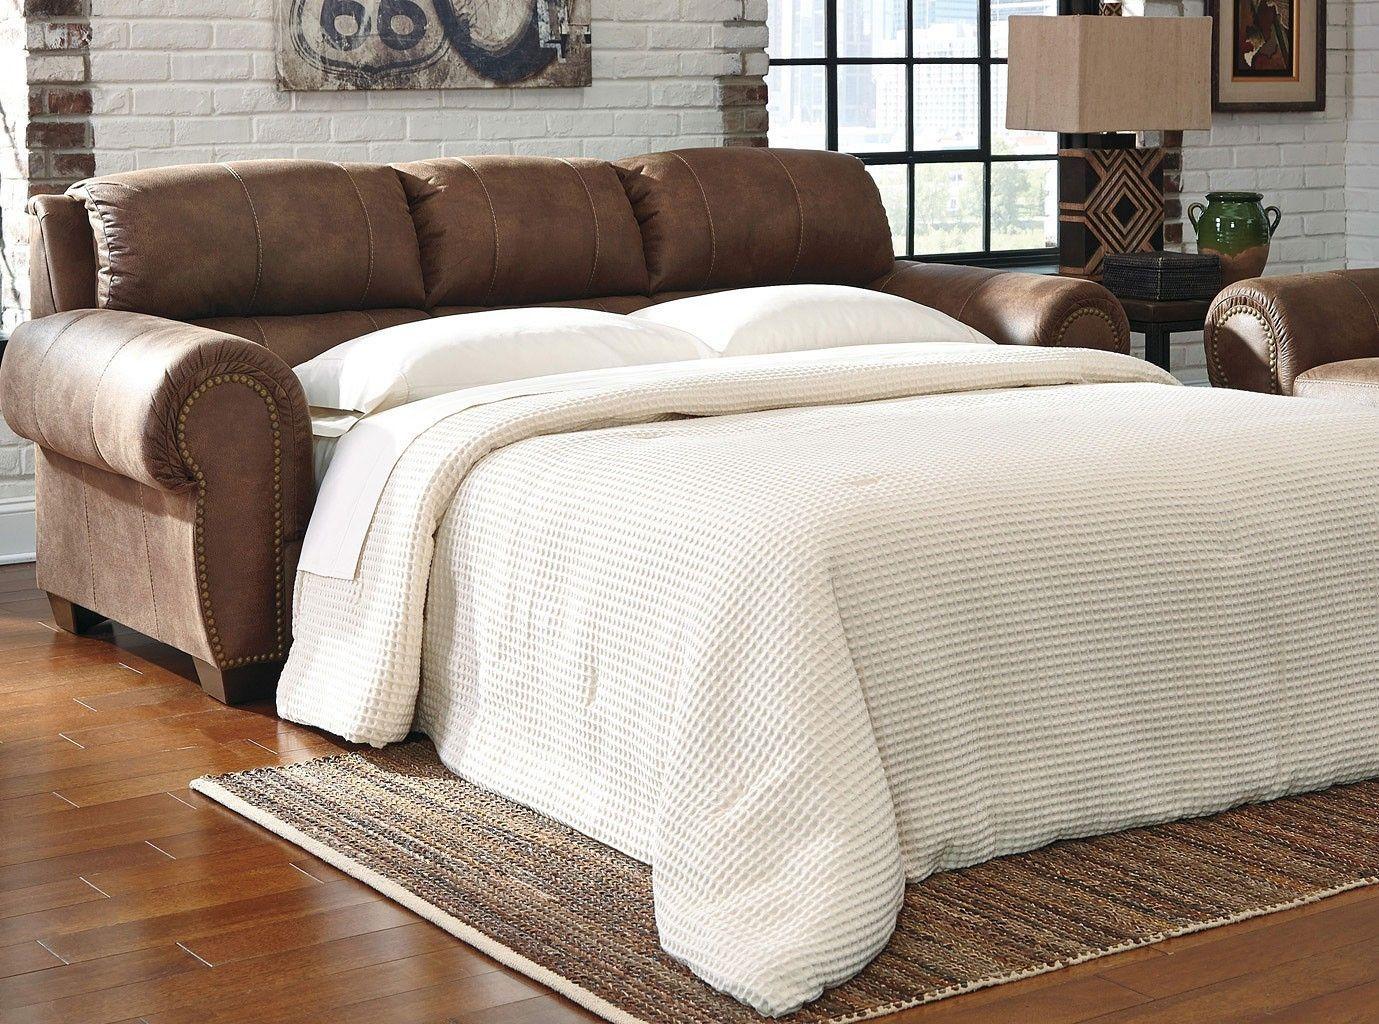 Lakeland mills twin over queen bunk bed amp reviews wayfair - Lakeland Mills Twin Over Queen Bunk Bed Amp Reviews Wayfair 8